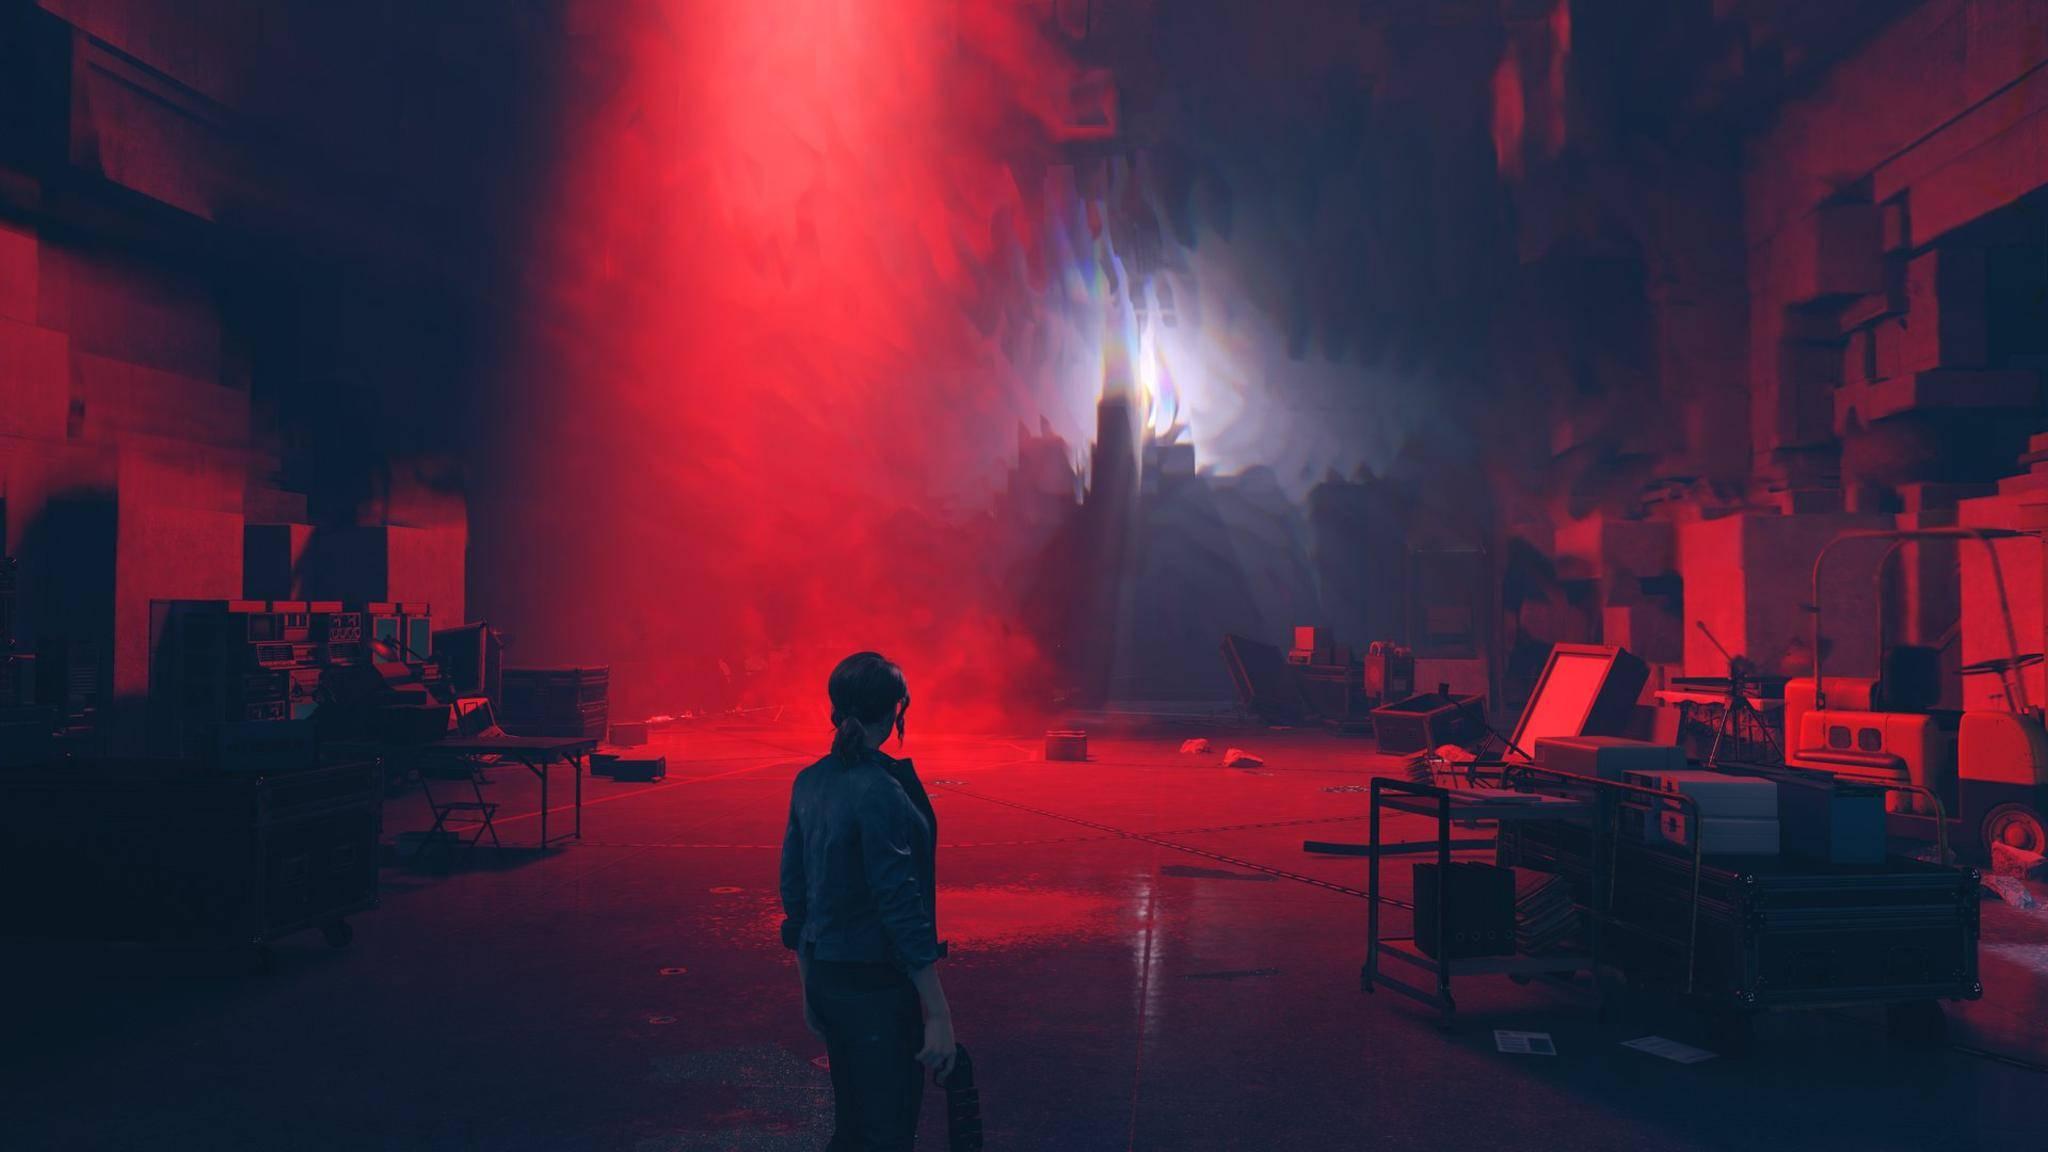 """Zurück im Dienst: Jesse Faden schwingt im ersten """"Control""""-DLC wieder die Dienstwaffe."""